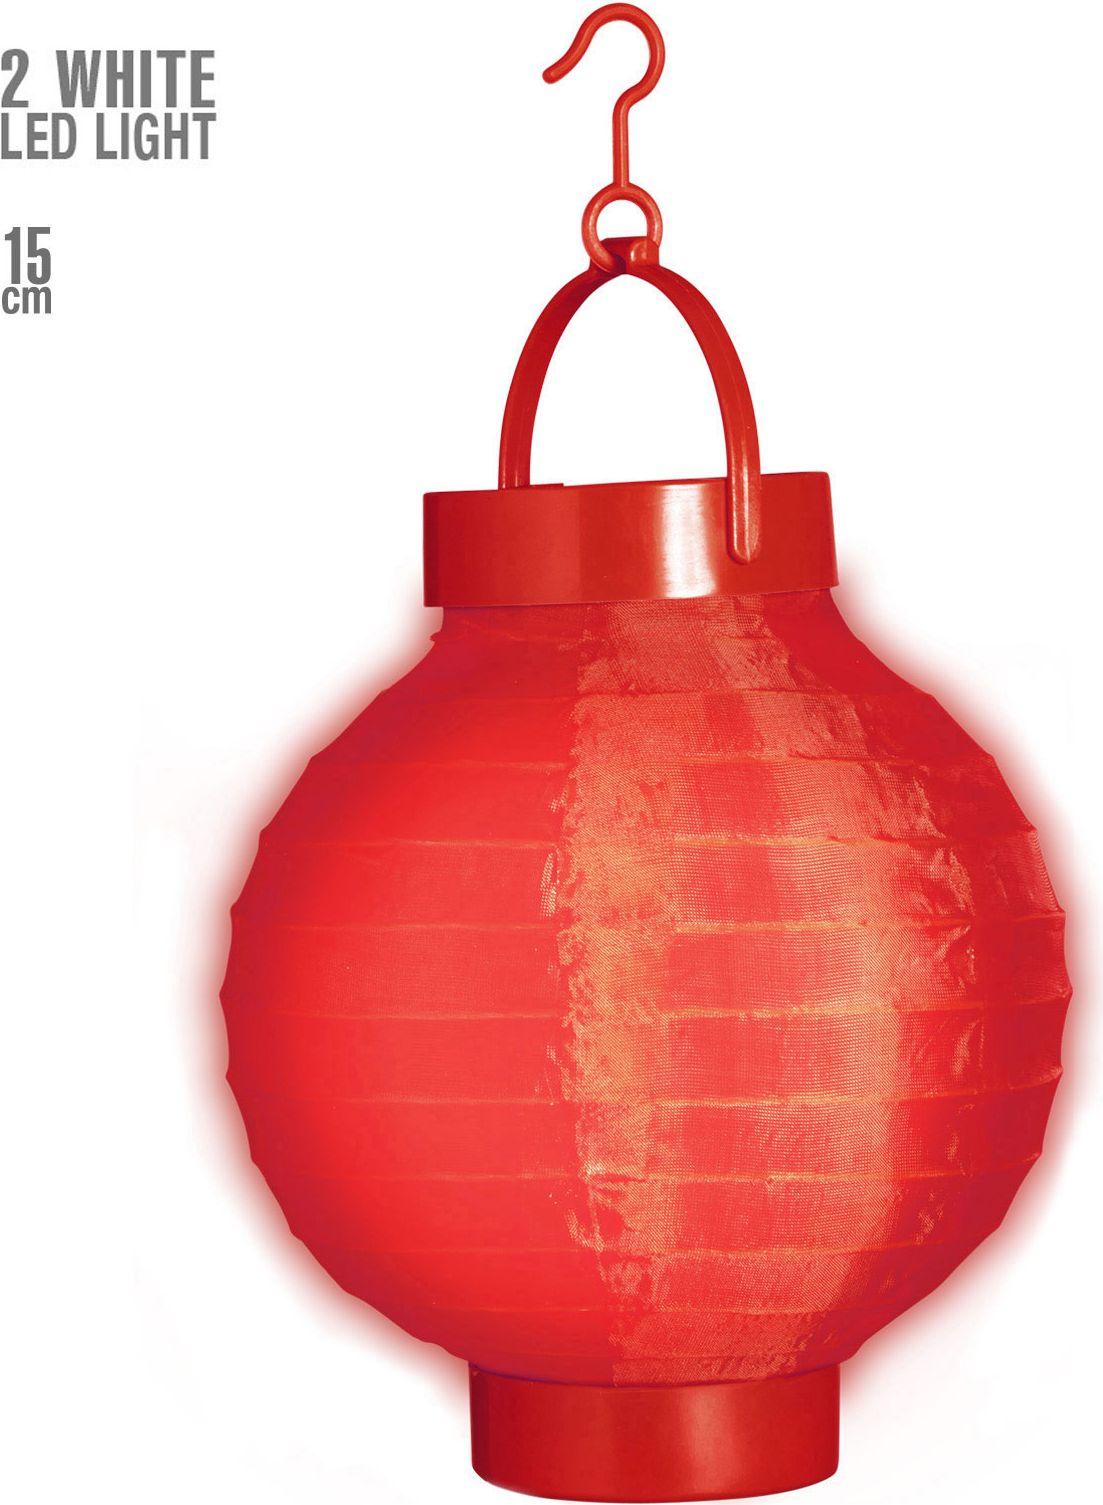 Rode stoffen lampion met 2 witte LED lichten